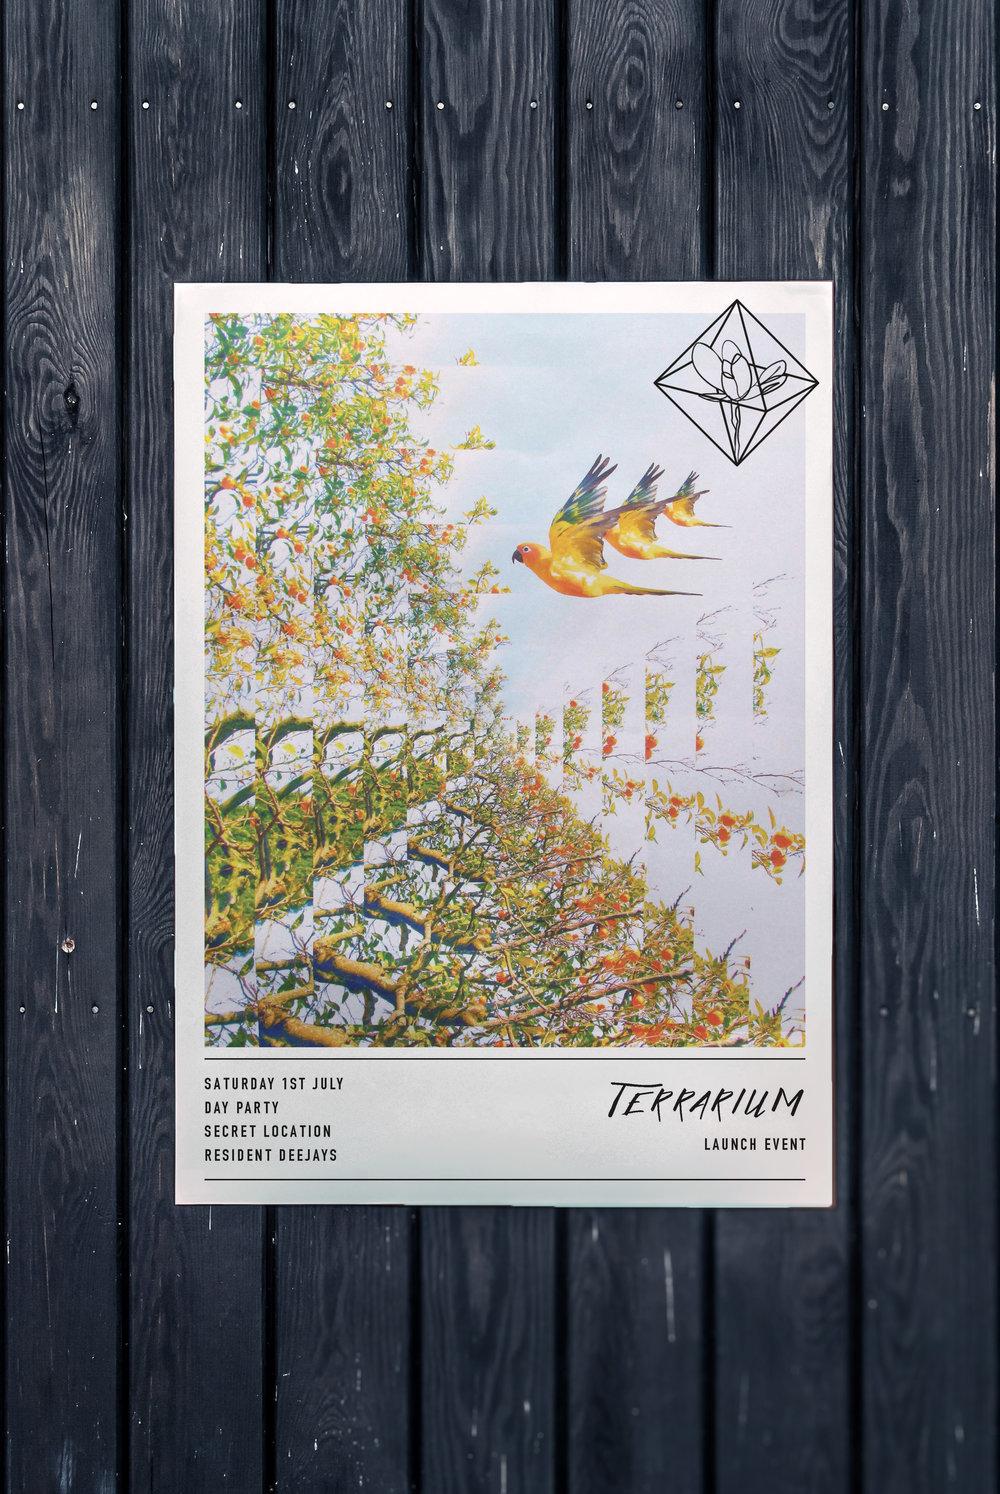 Terrarium Launch